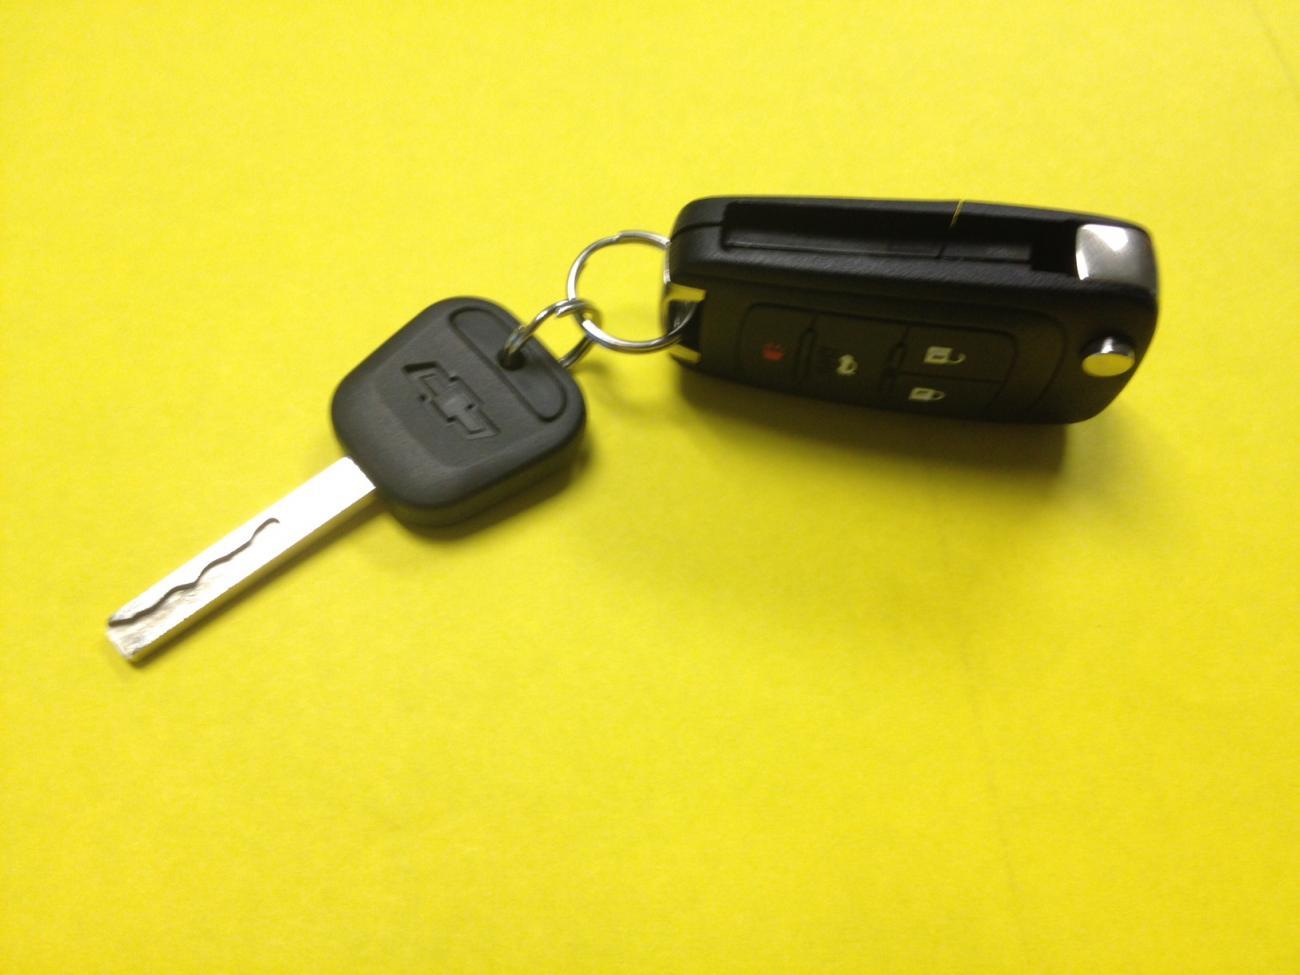 Replacement Key Camaro5 Chevy Camaro Forum Camaro Zl1 Ss And V6 Forums Camaro5 Com